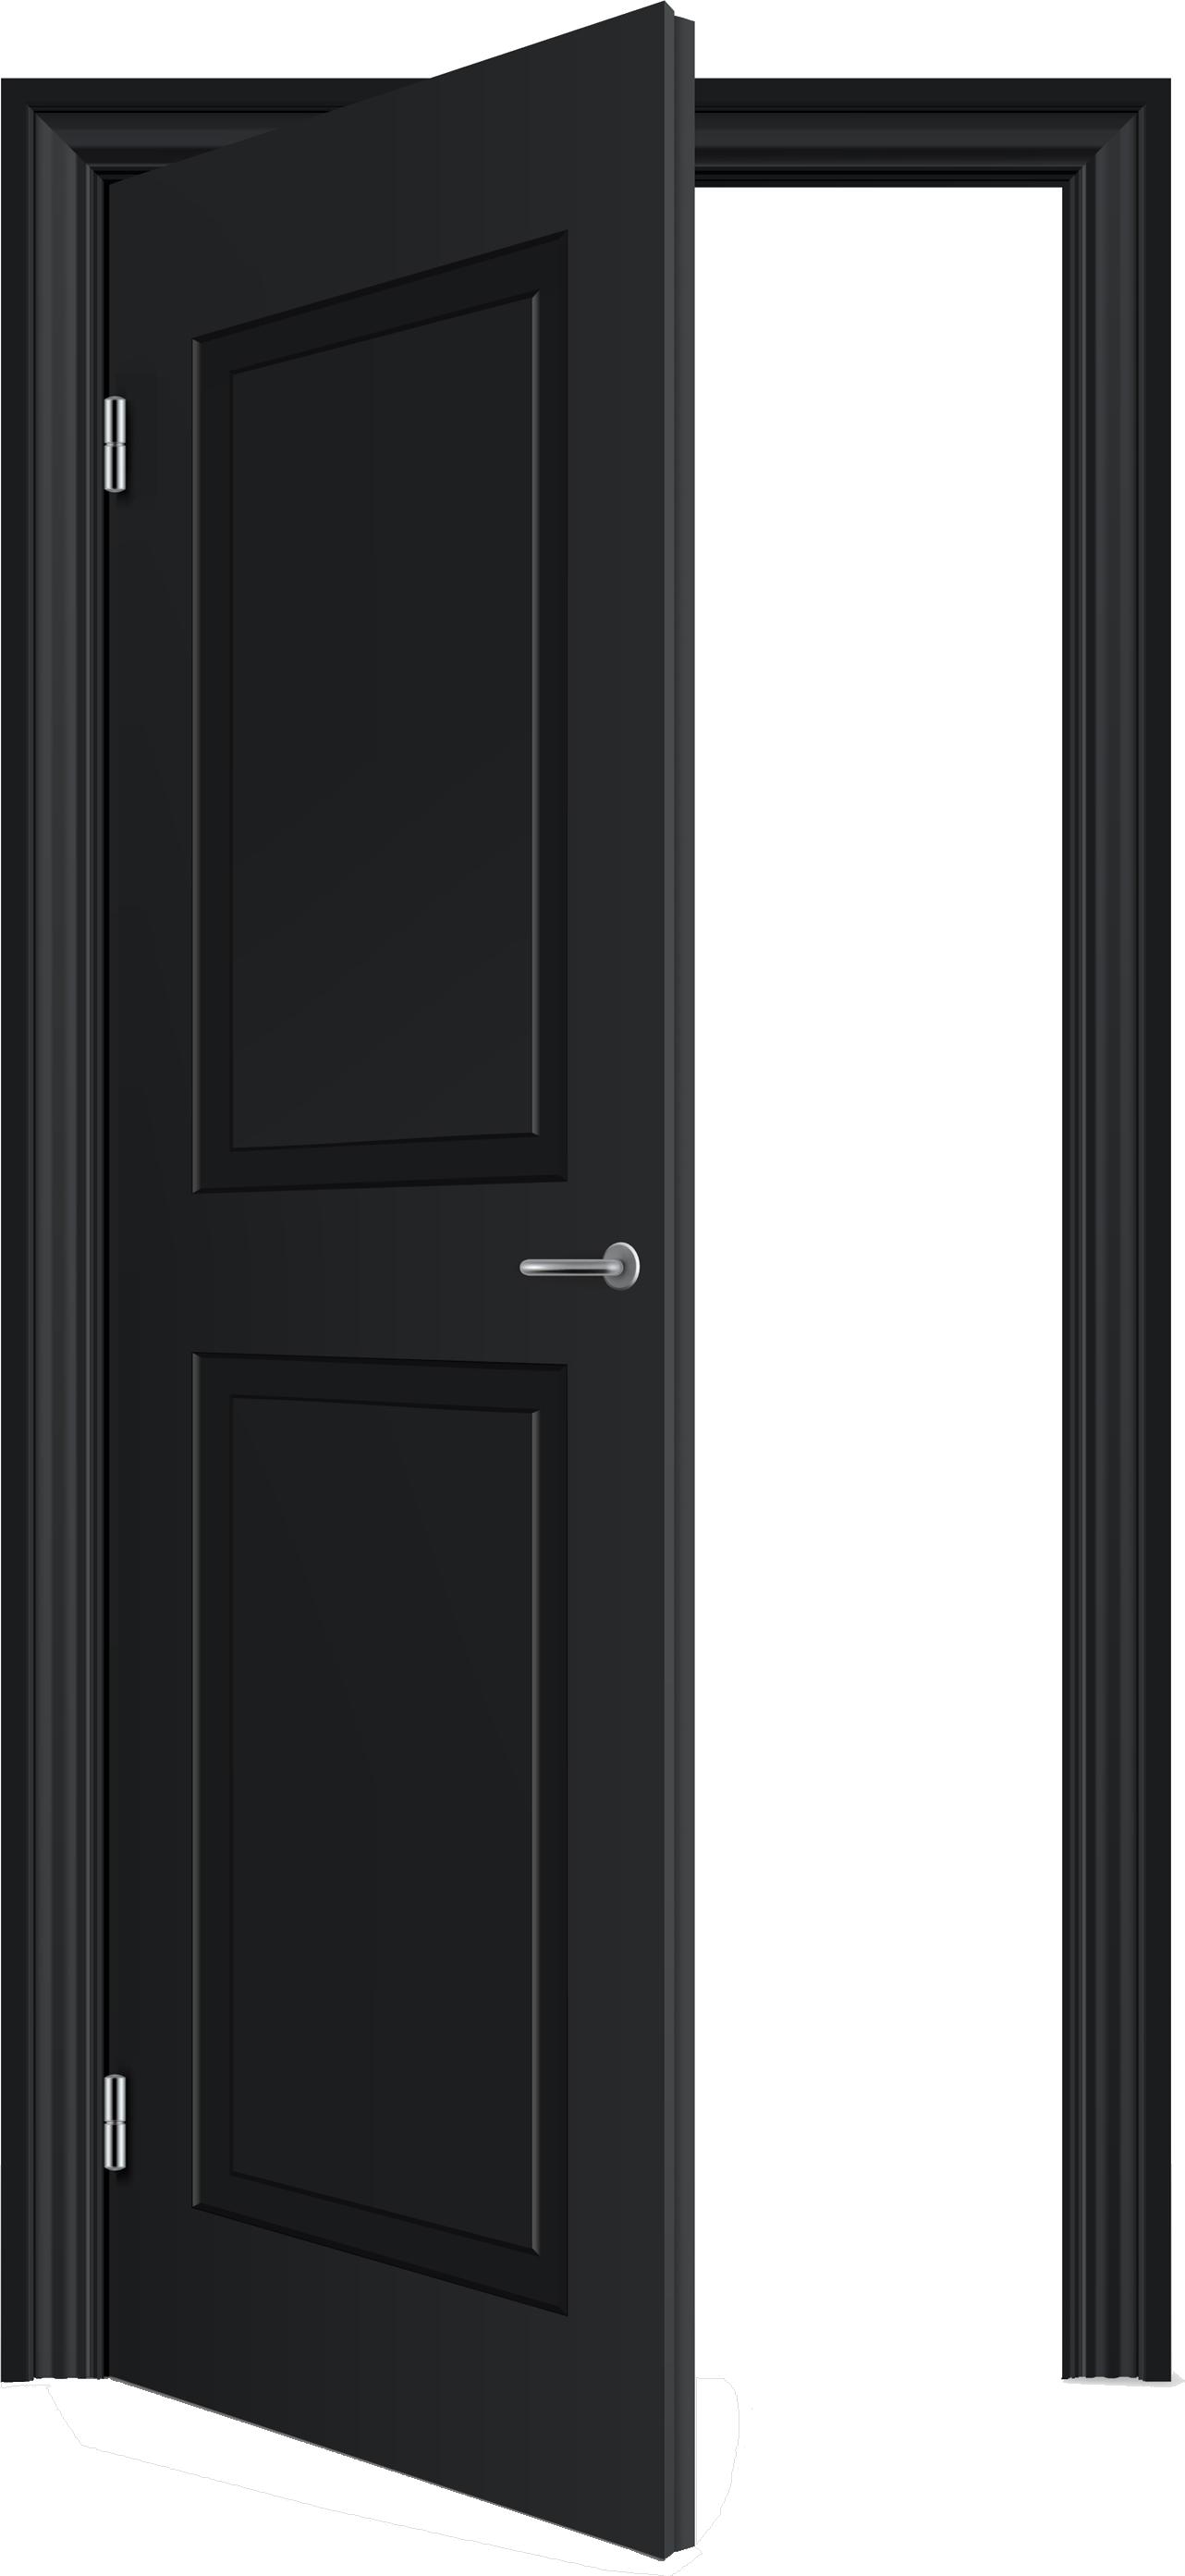 Open inside decorating interesting. Door clipart entrance door